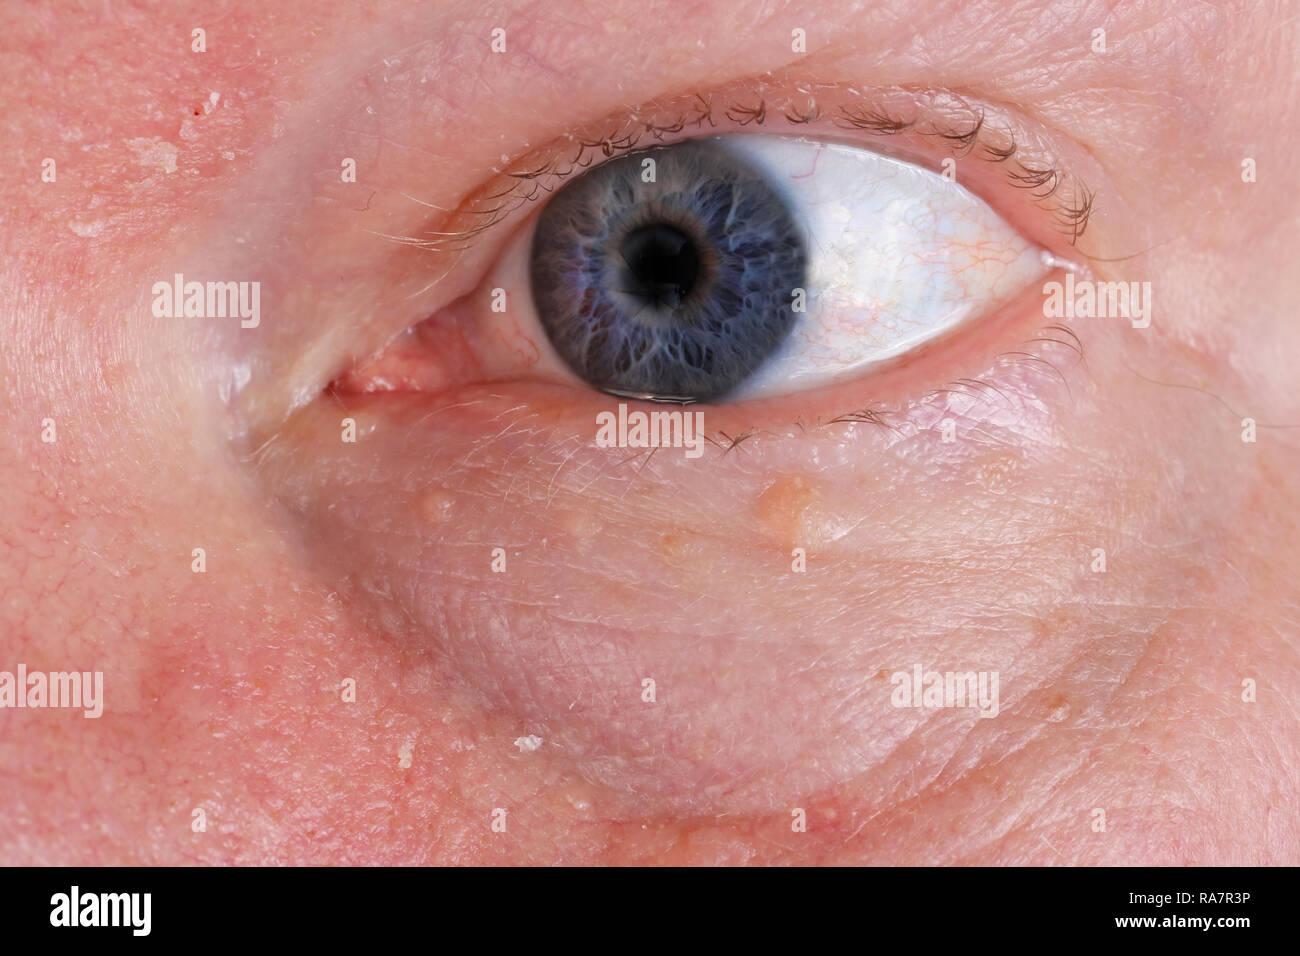 Wunde Trockene Haut Und Augen Auf Dem Gesicht Eines älteren Mannes